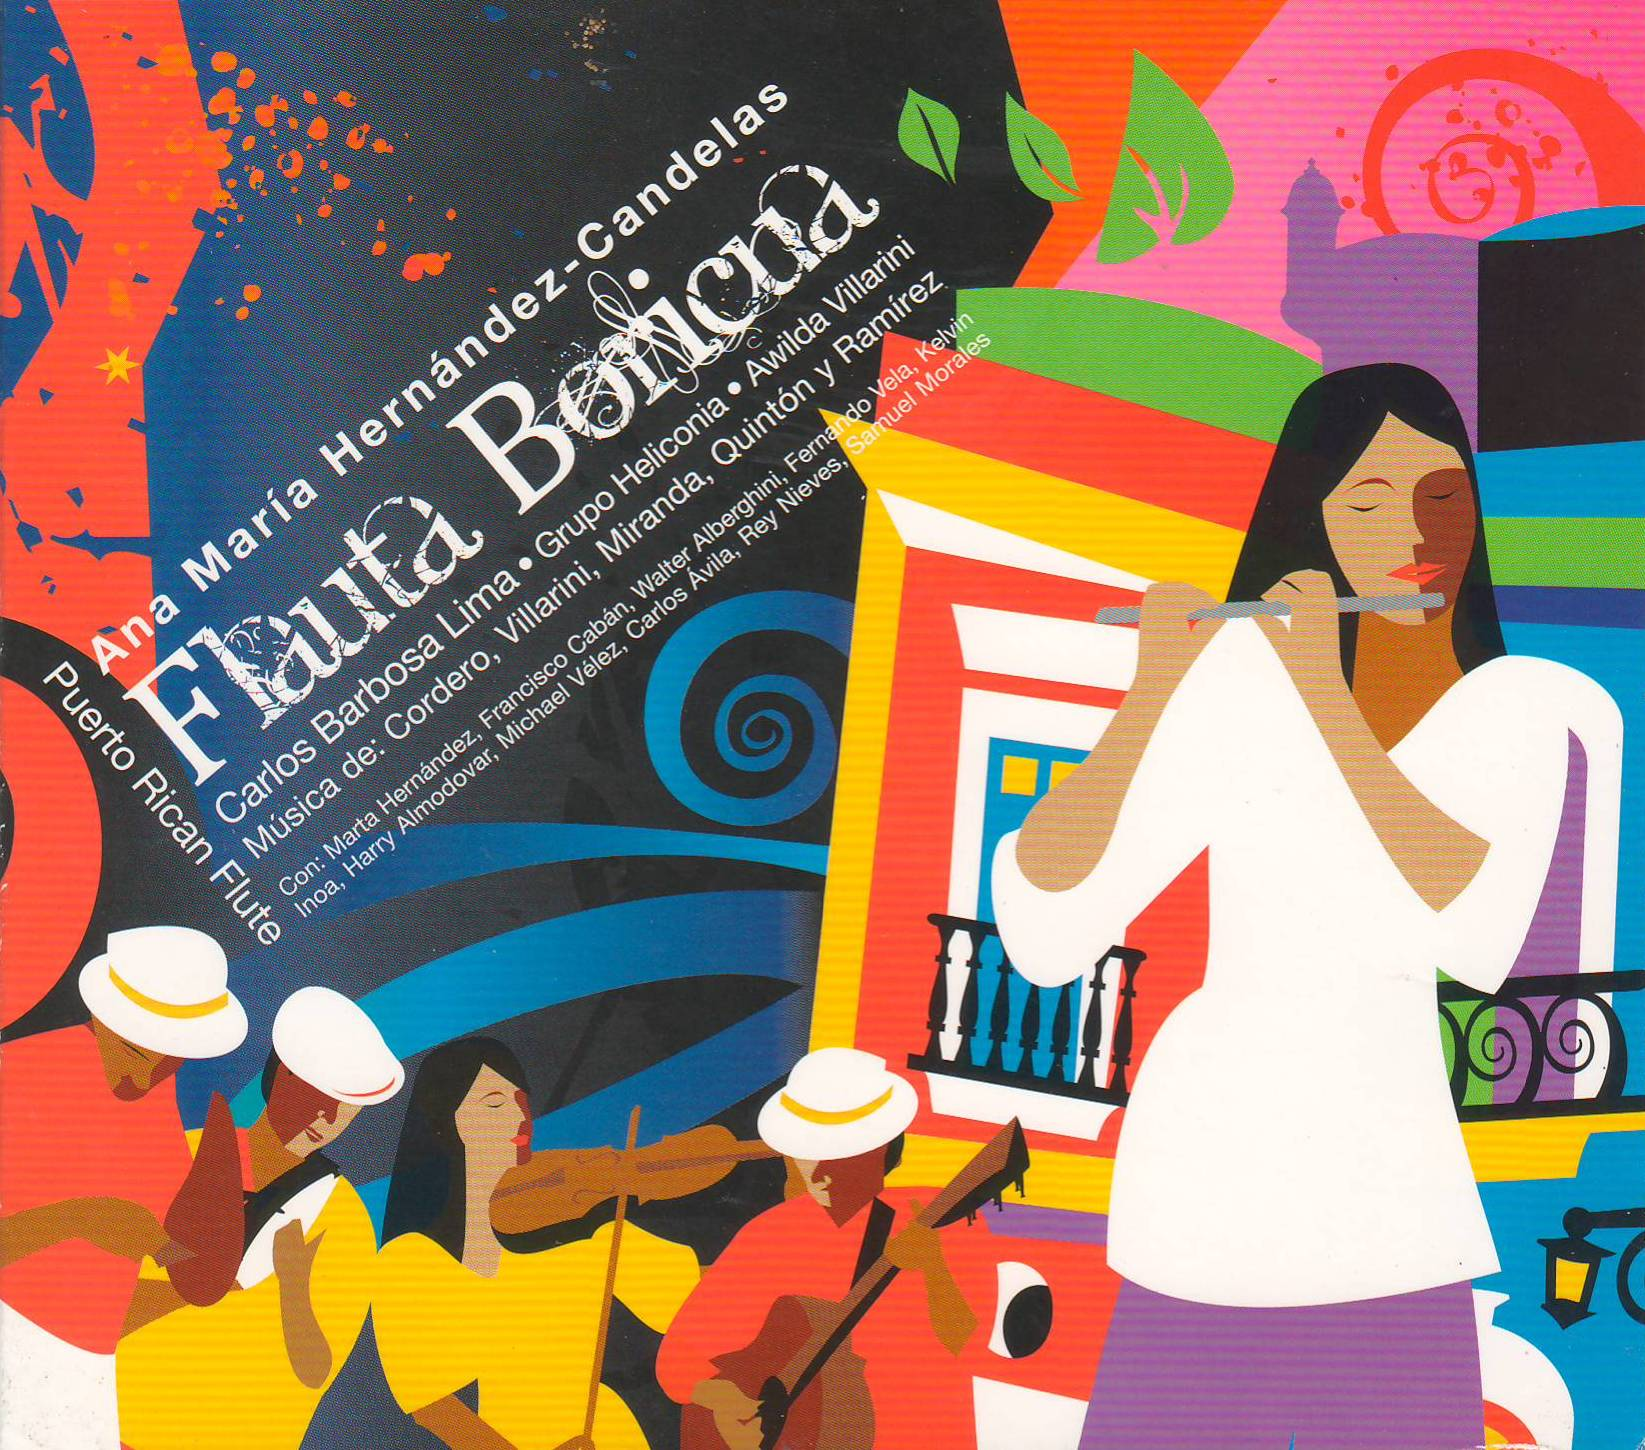 17. ana maria hernandez flauta boricua 2014